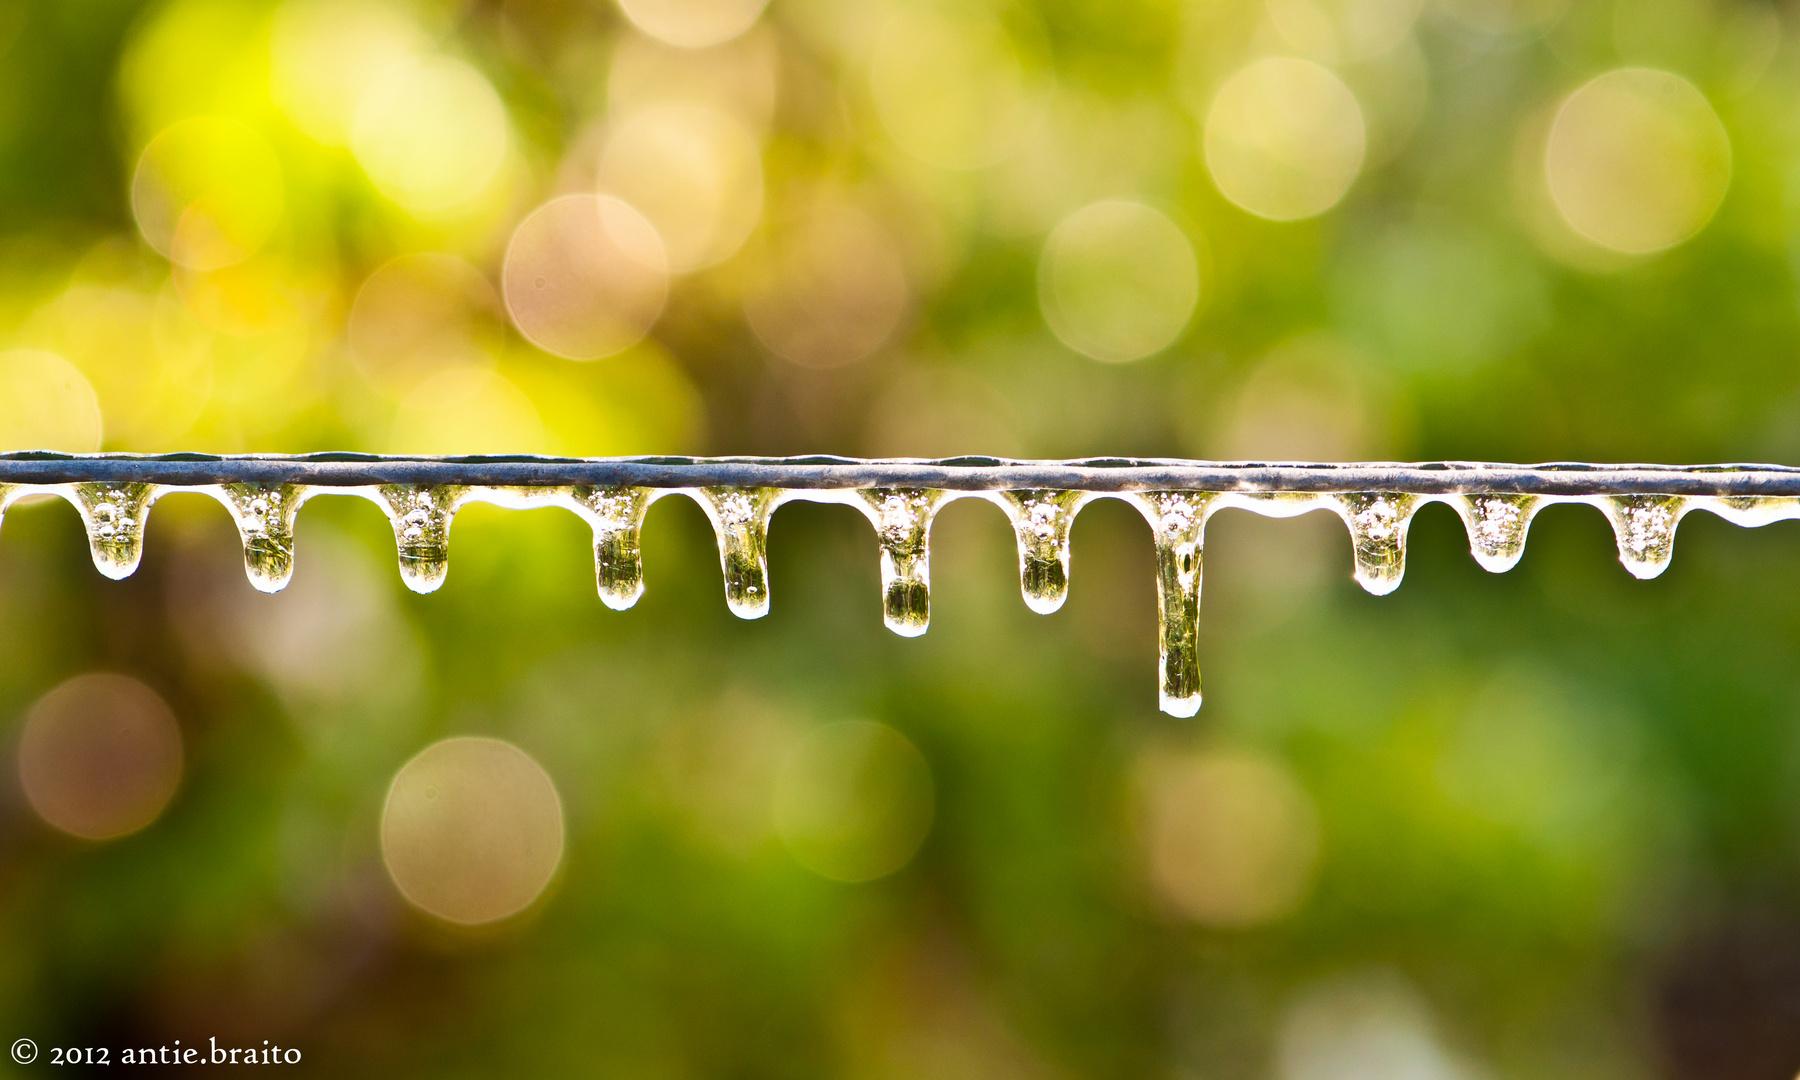 Eisskulpturen in der Natur _ Frostberegnung